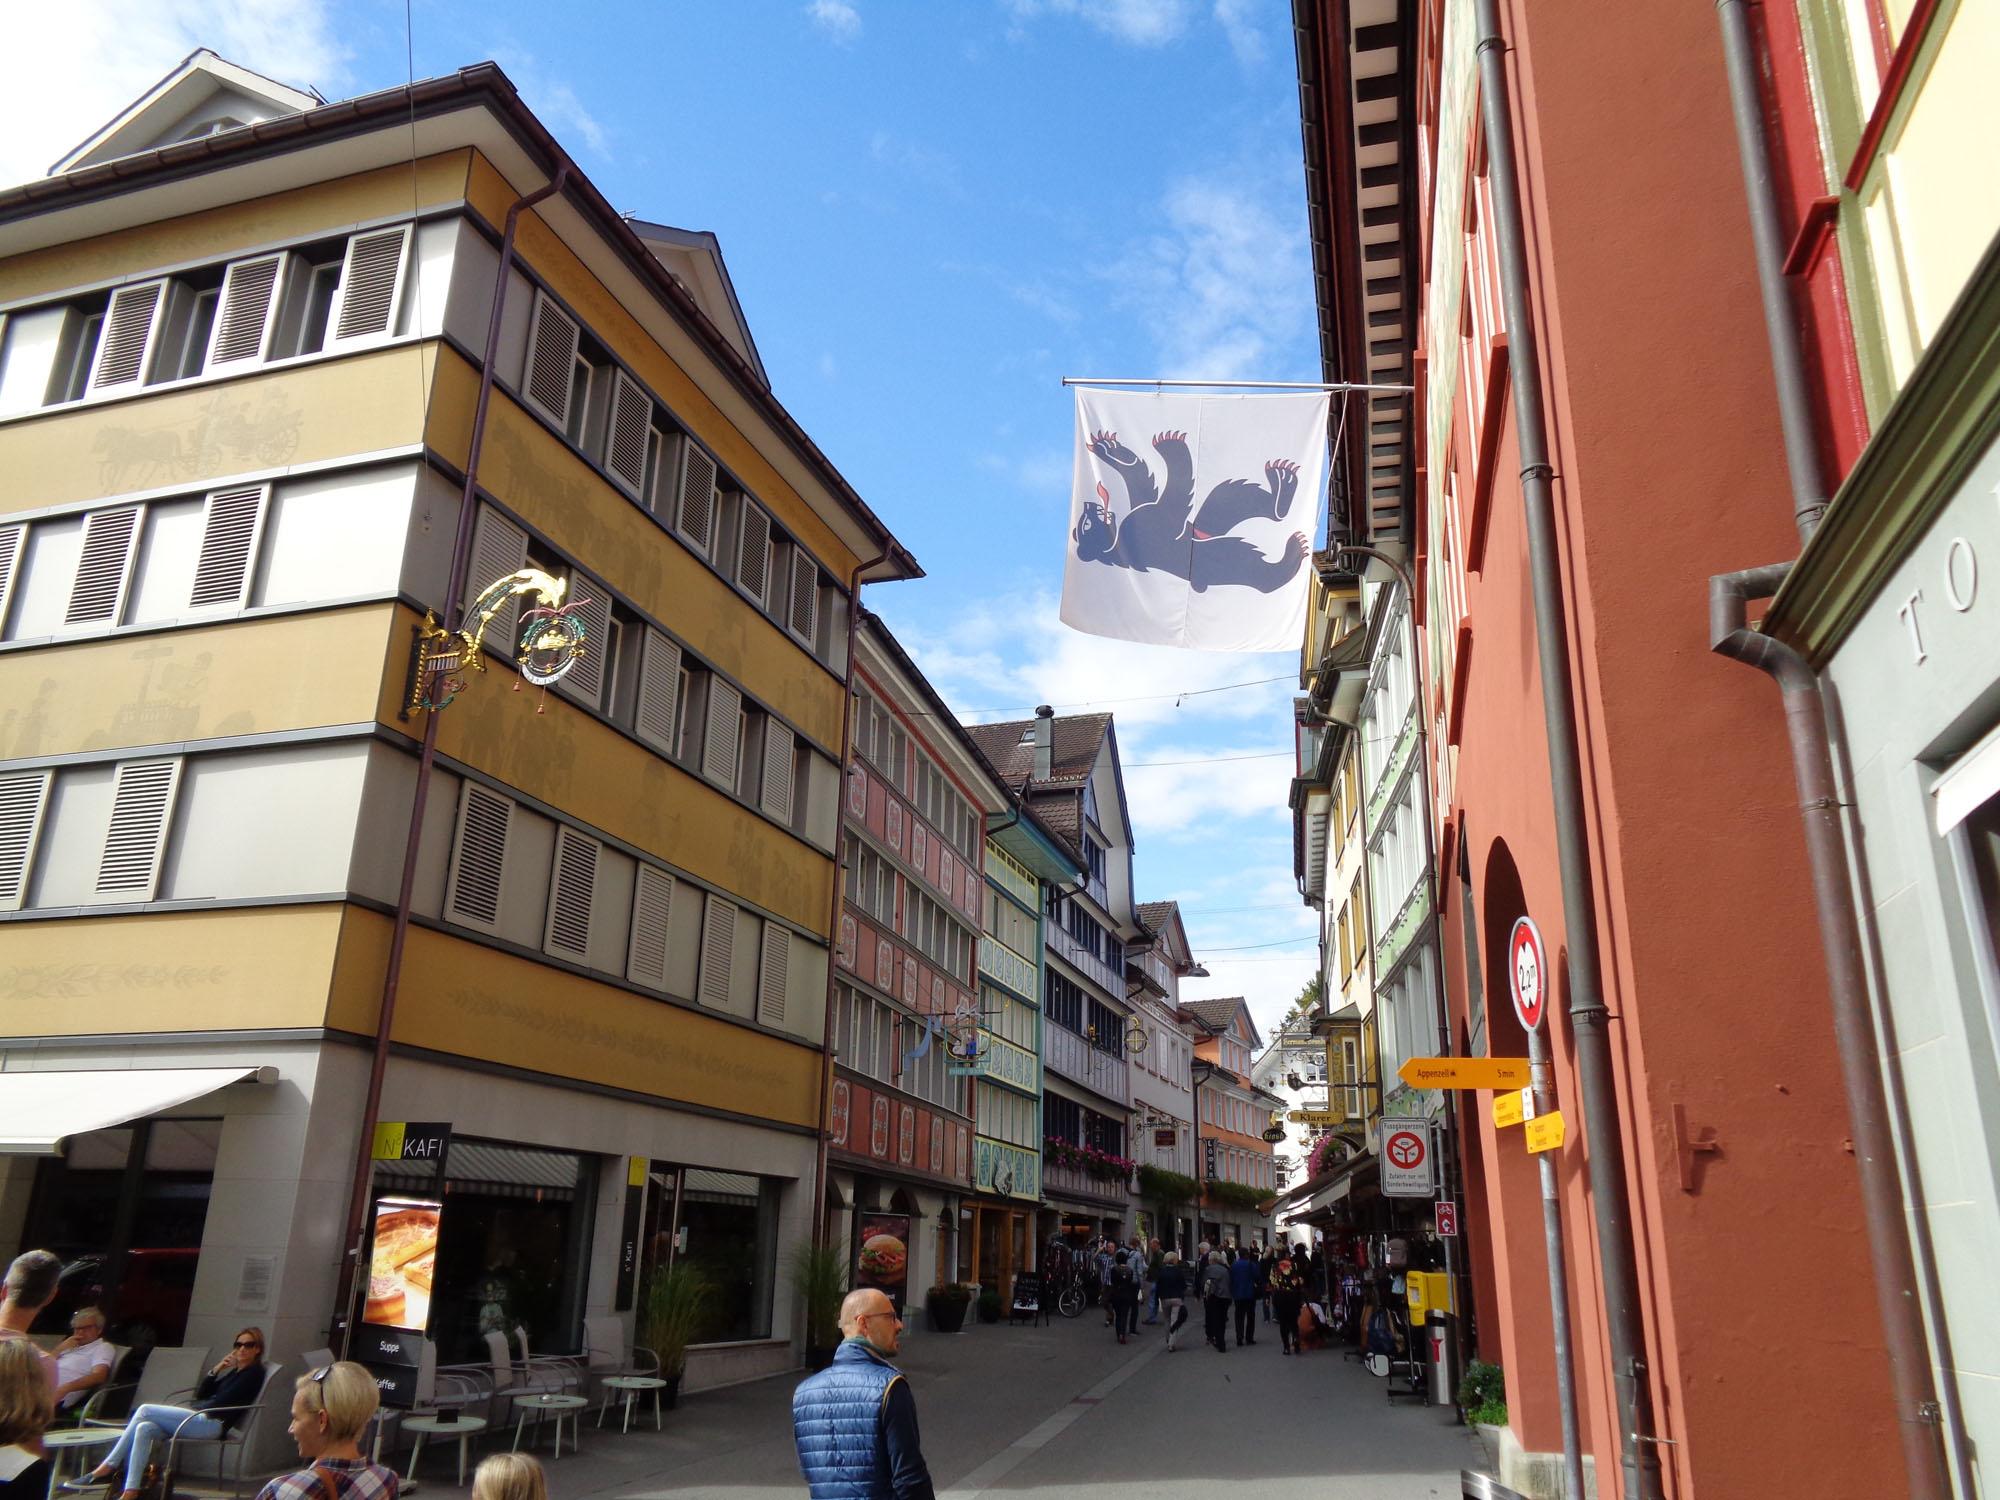 20170930_SHBS_Spitzerausstellung-Appenzell_UKlausner_044